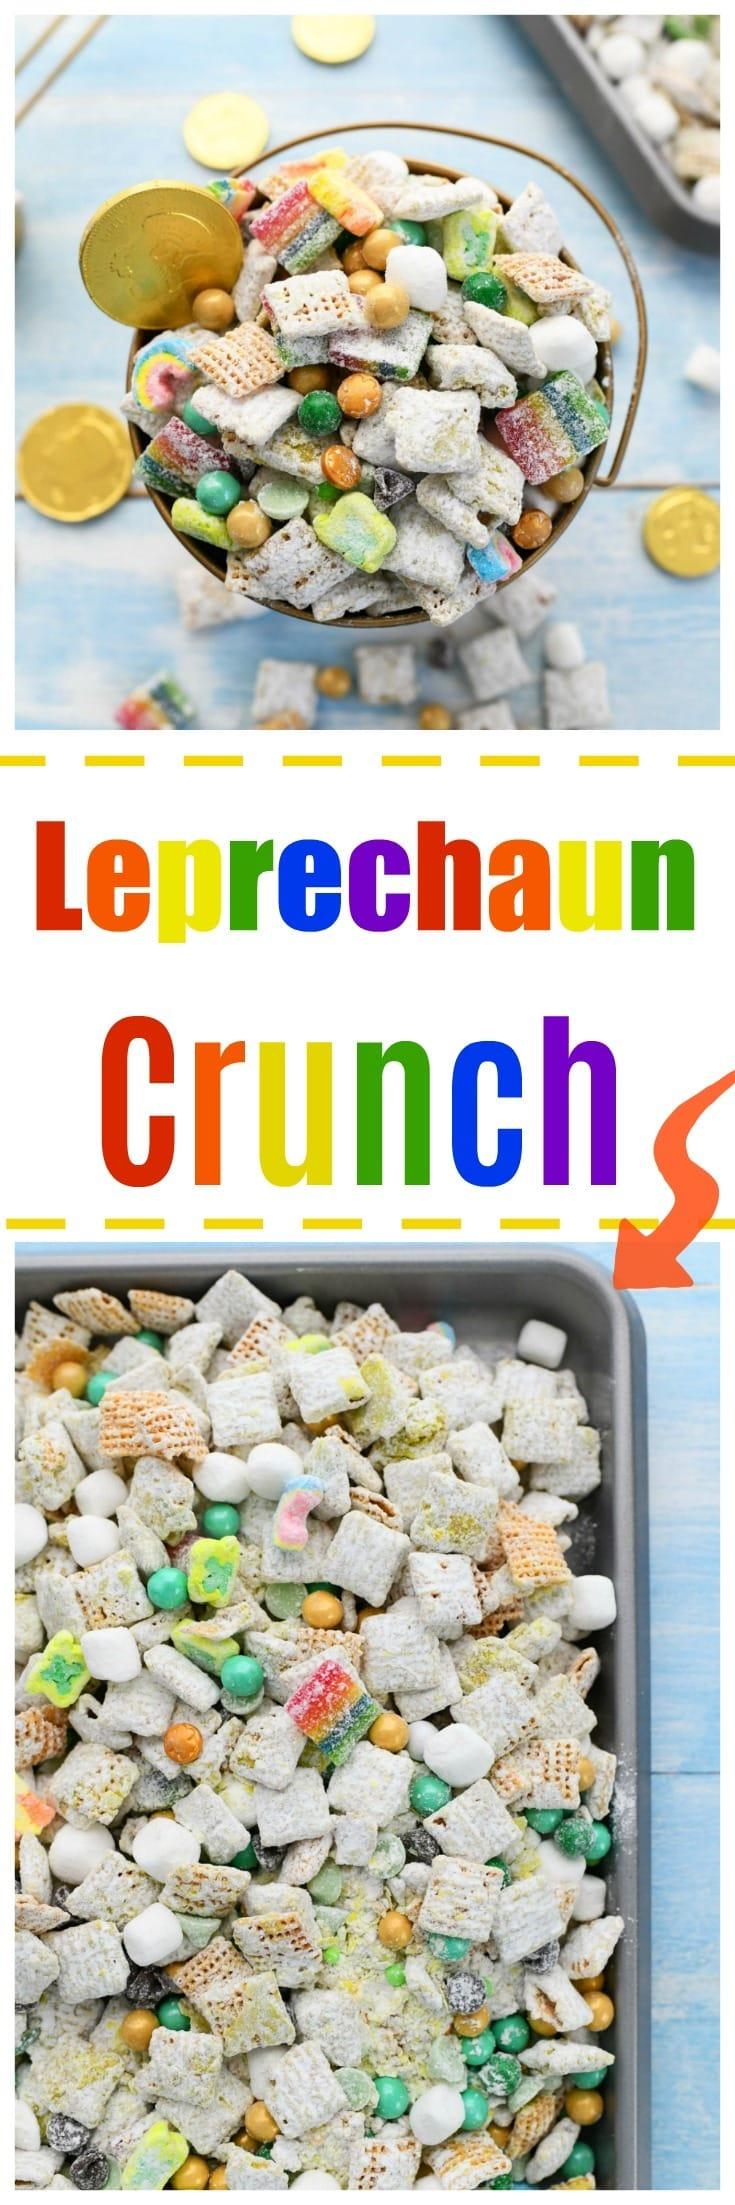 Leprechaun Crunch